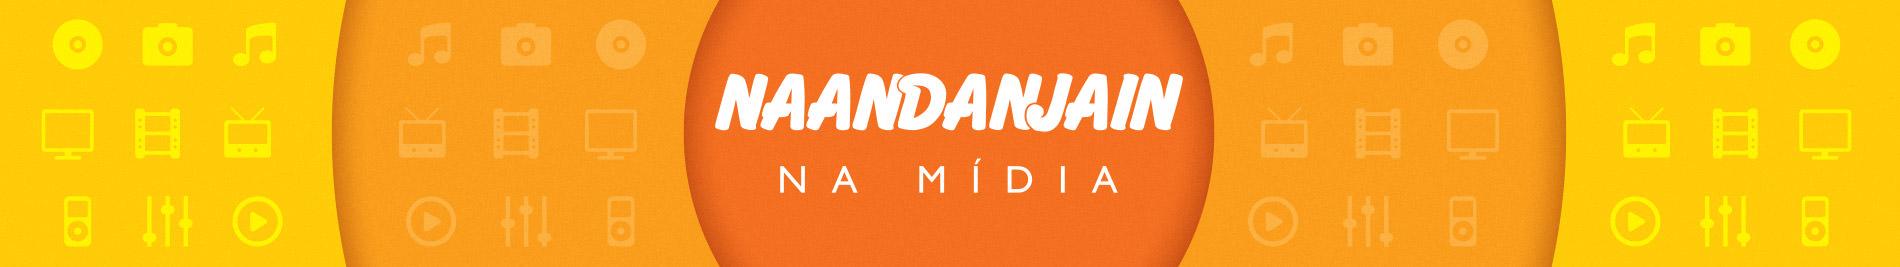 Confira as notícias e evento mais atuais envolvendo a NaanDanJain